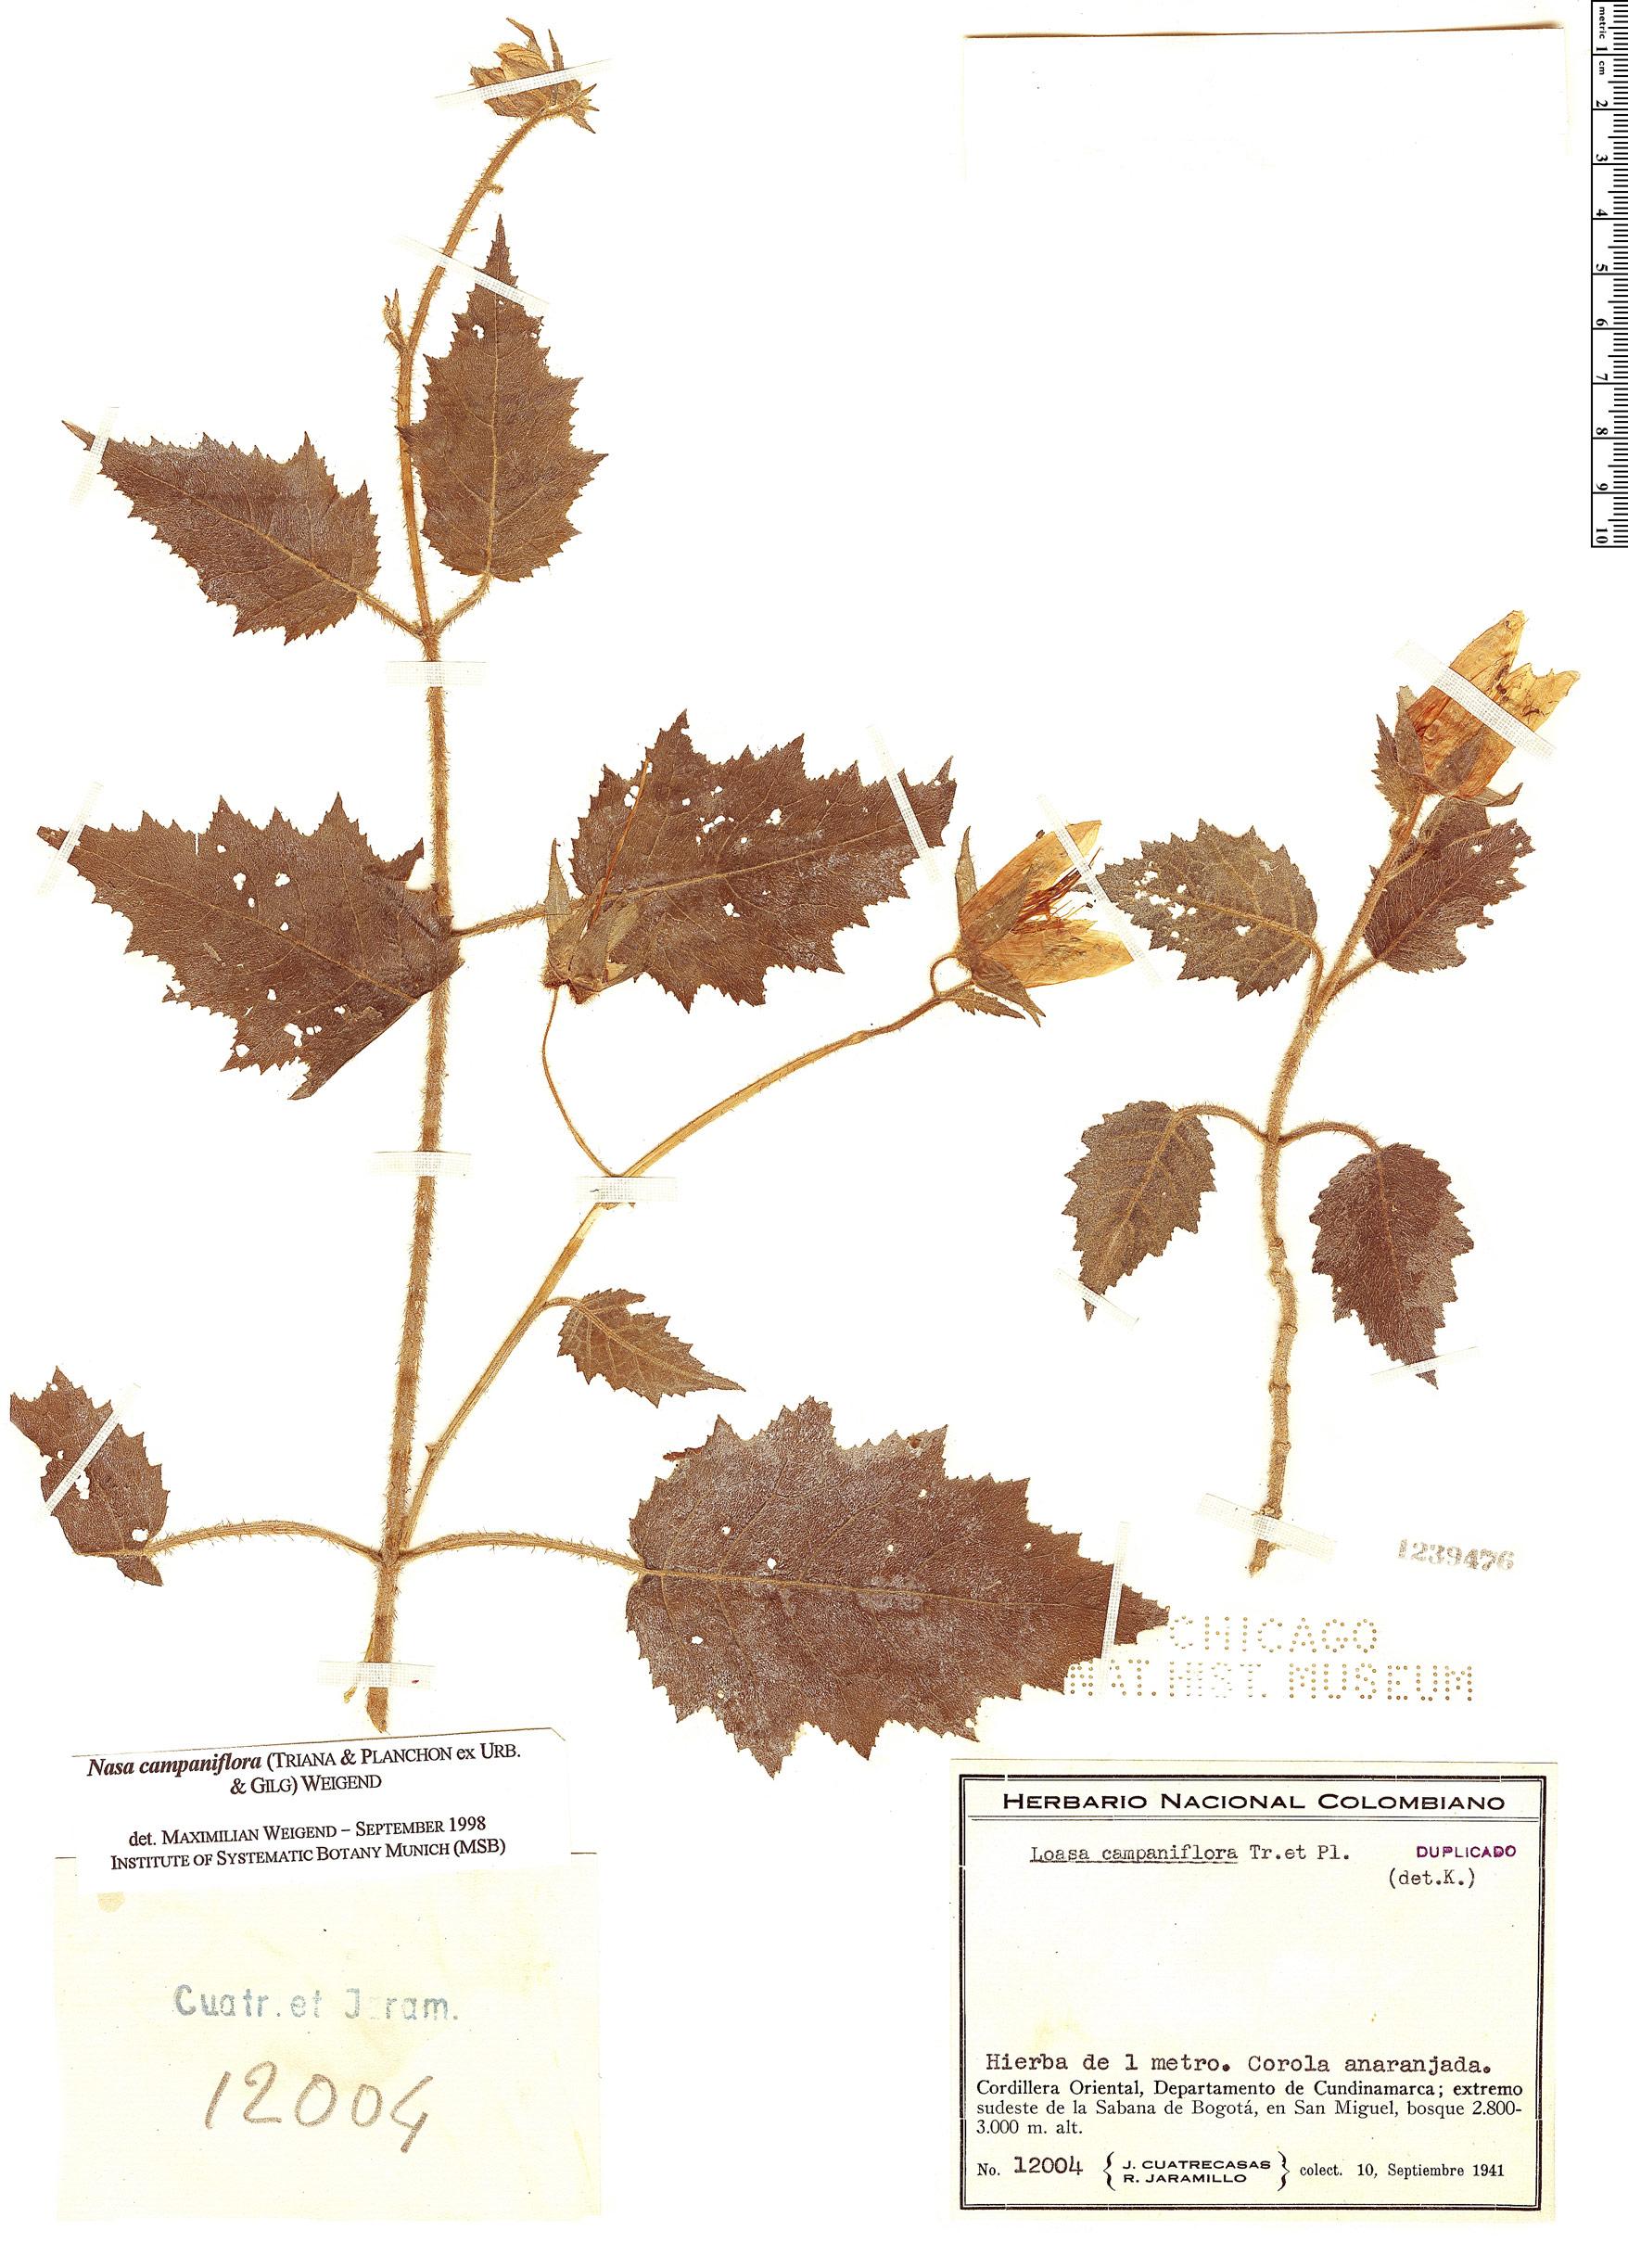 Specimen: Nasa campaniflora